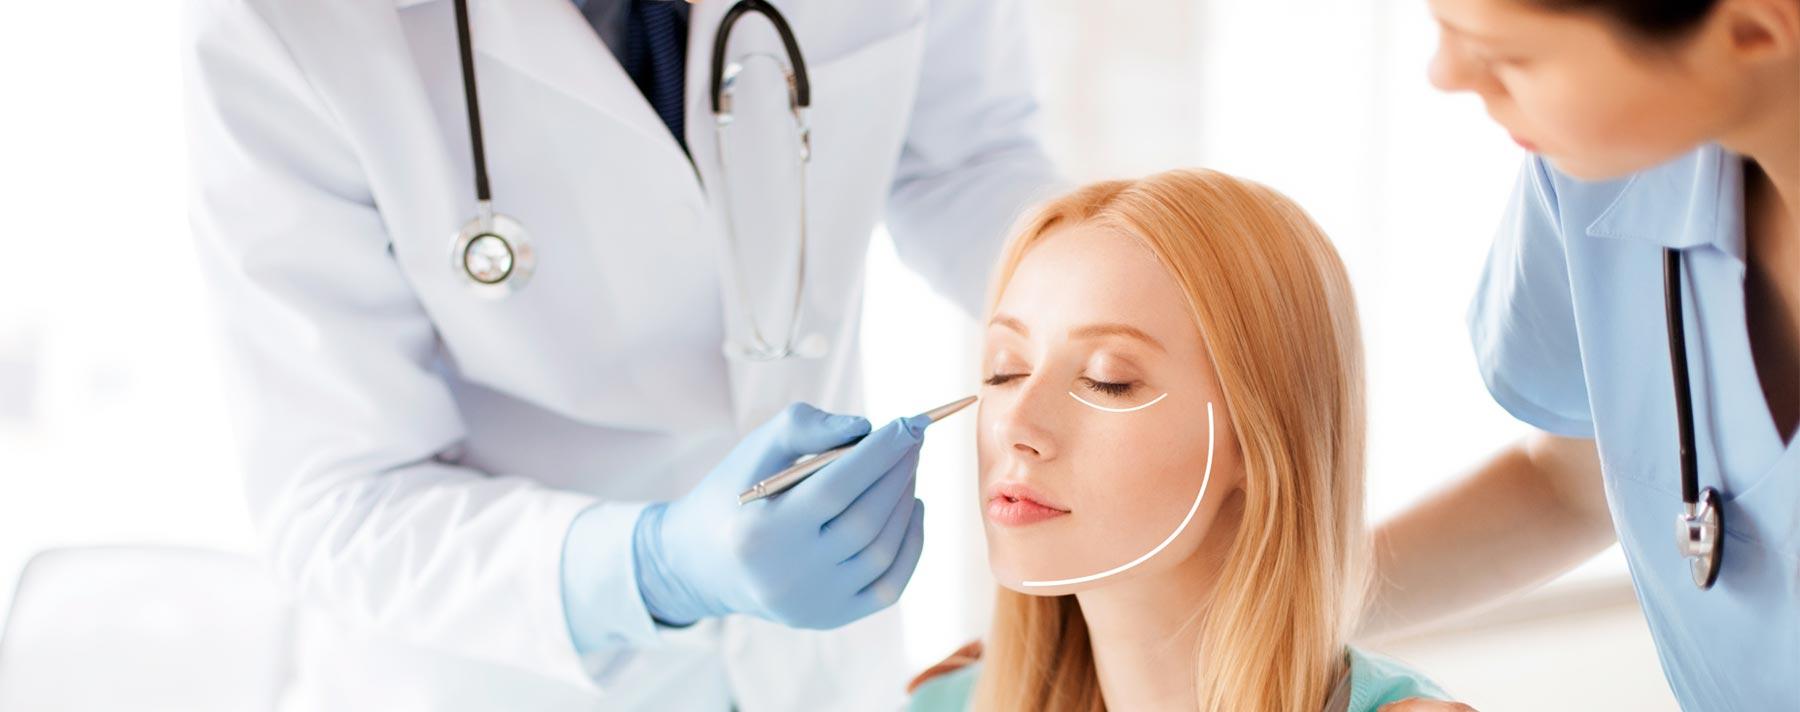 Пластическая хирургия в клинике современной медицины пластическая хирургия в городе иванов